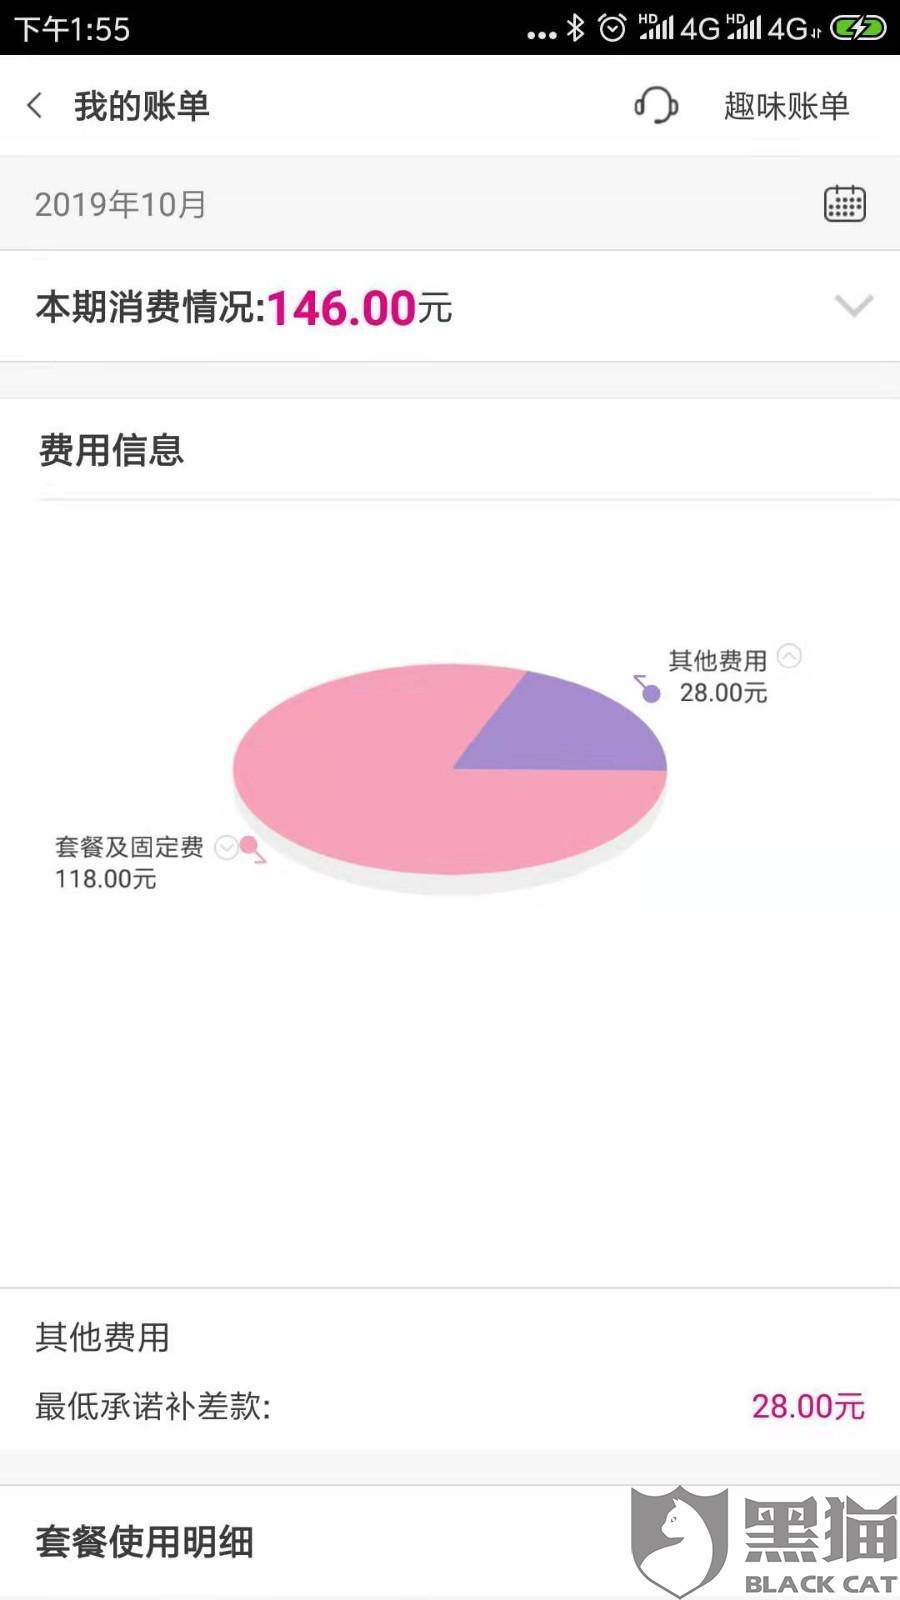 黑猫投诉:投诉中国移动2019全网普惠霸王条款、虚假营销